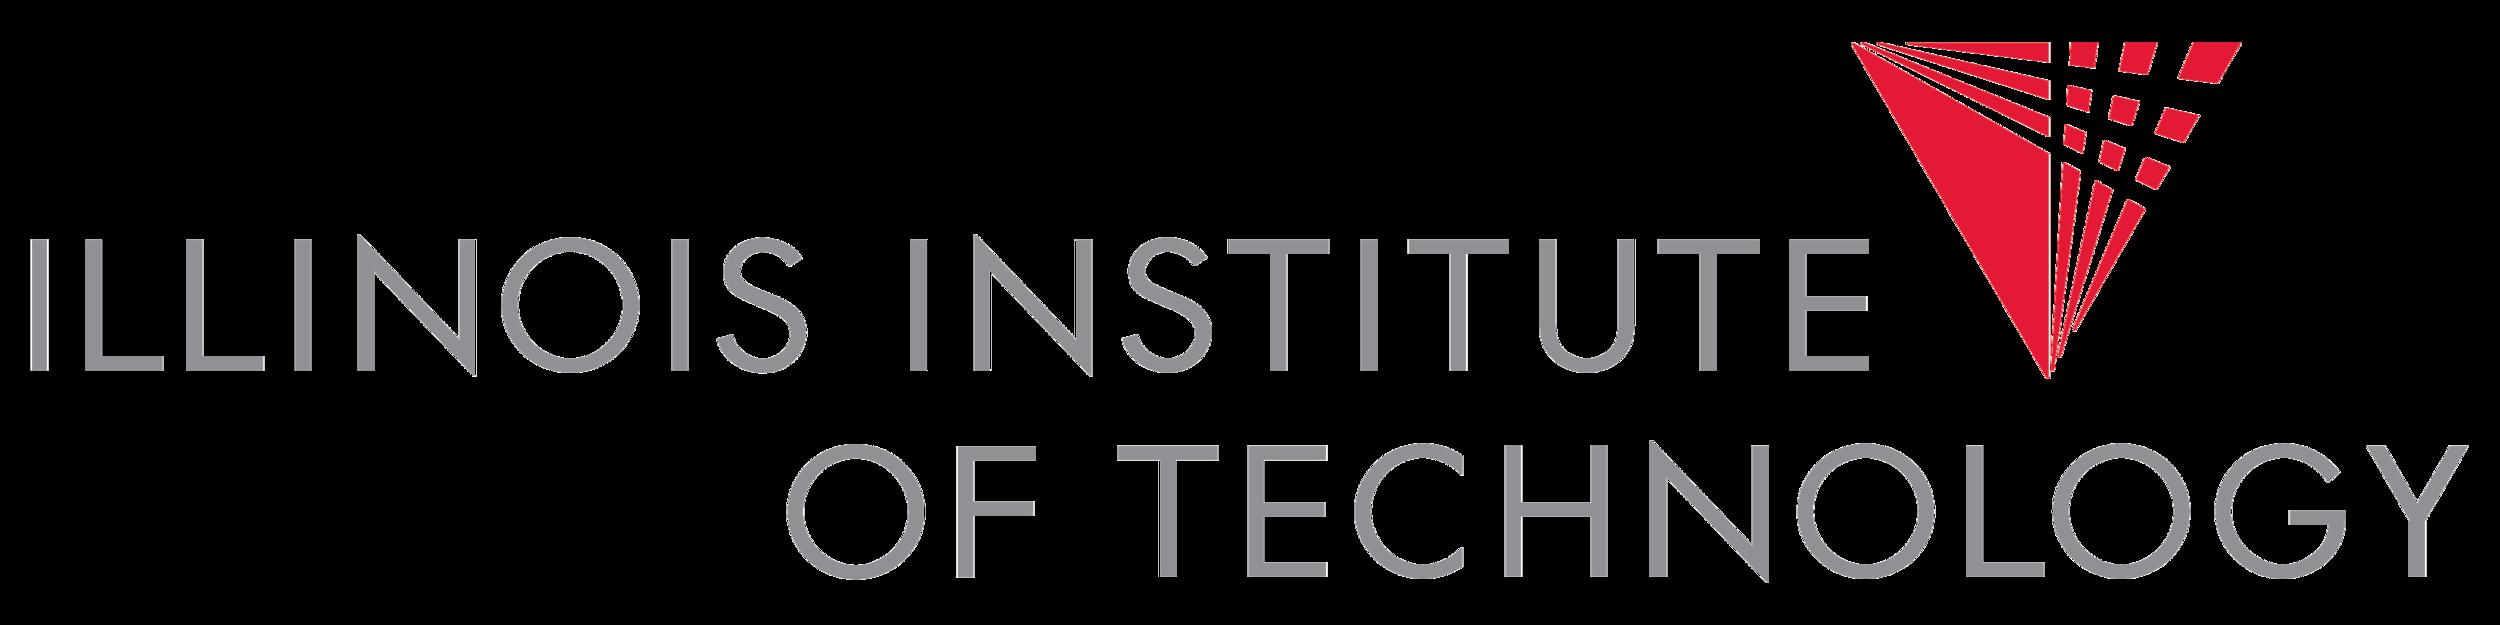 iit_logo.png